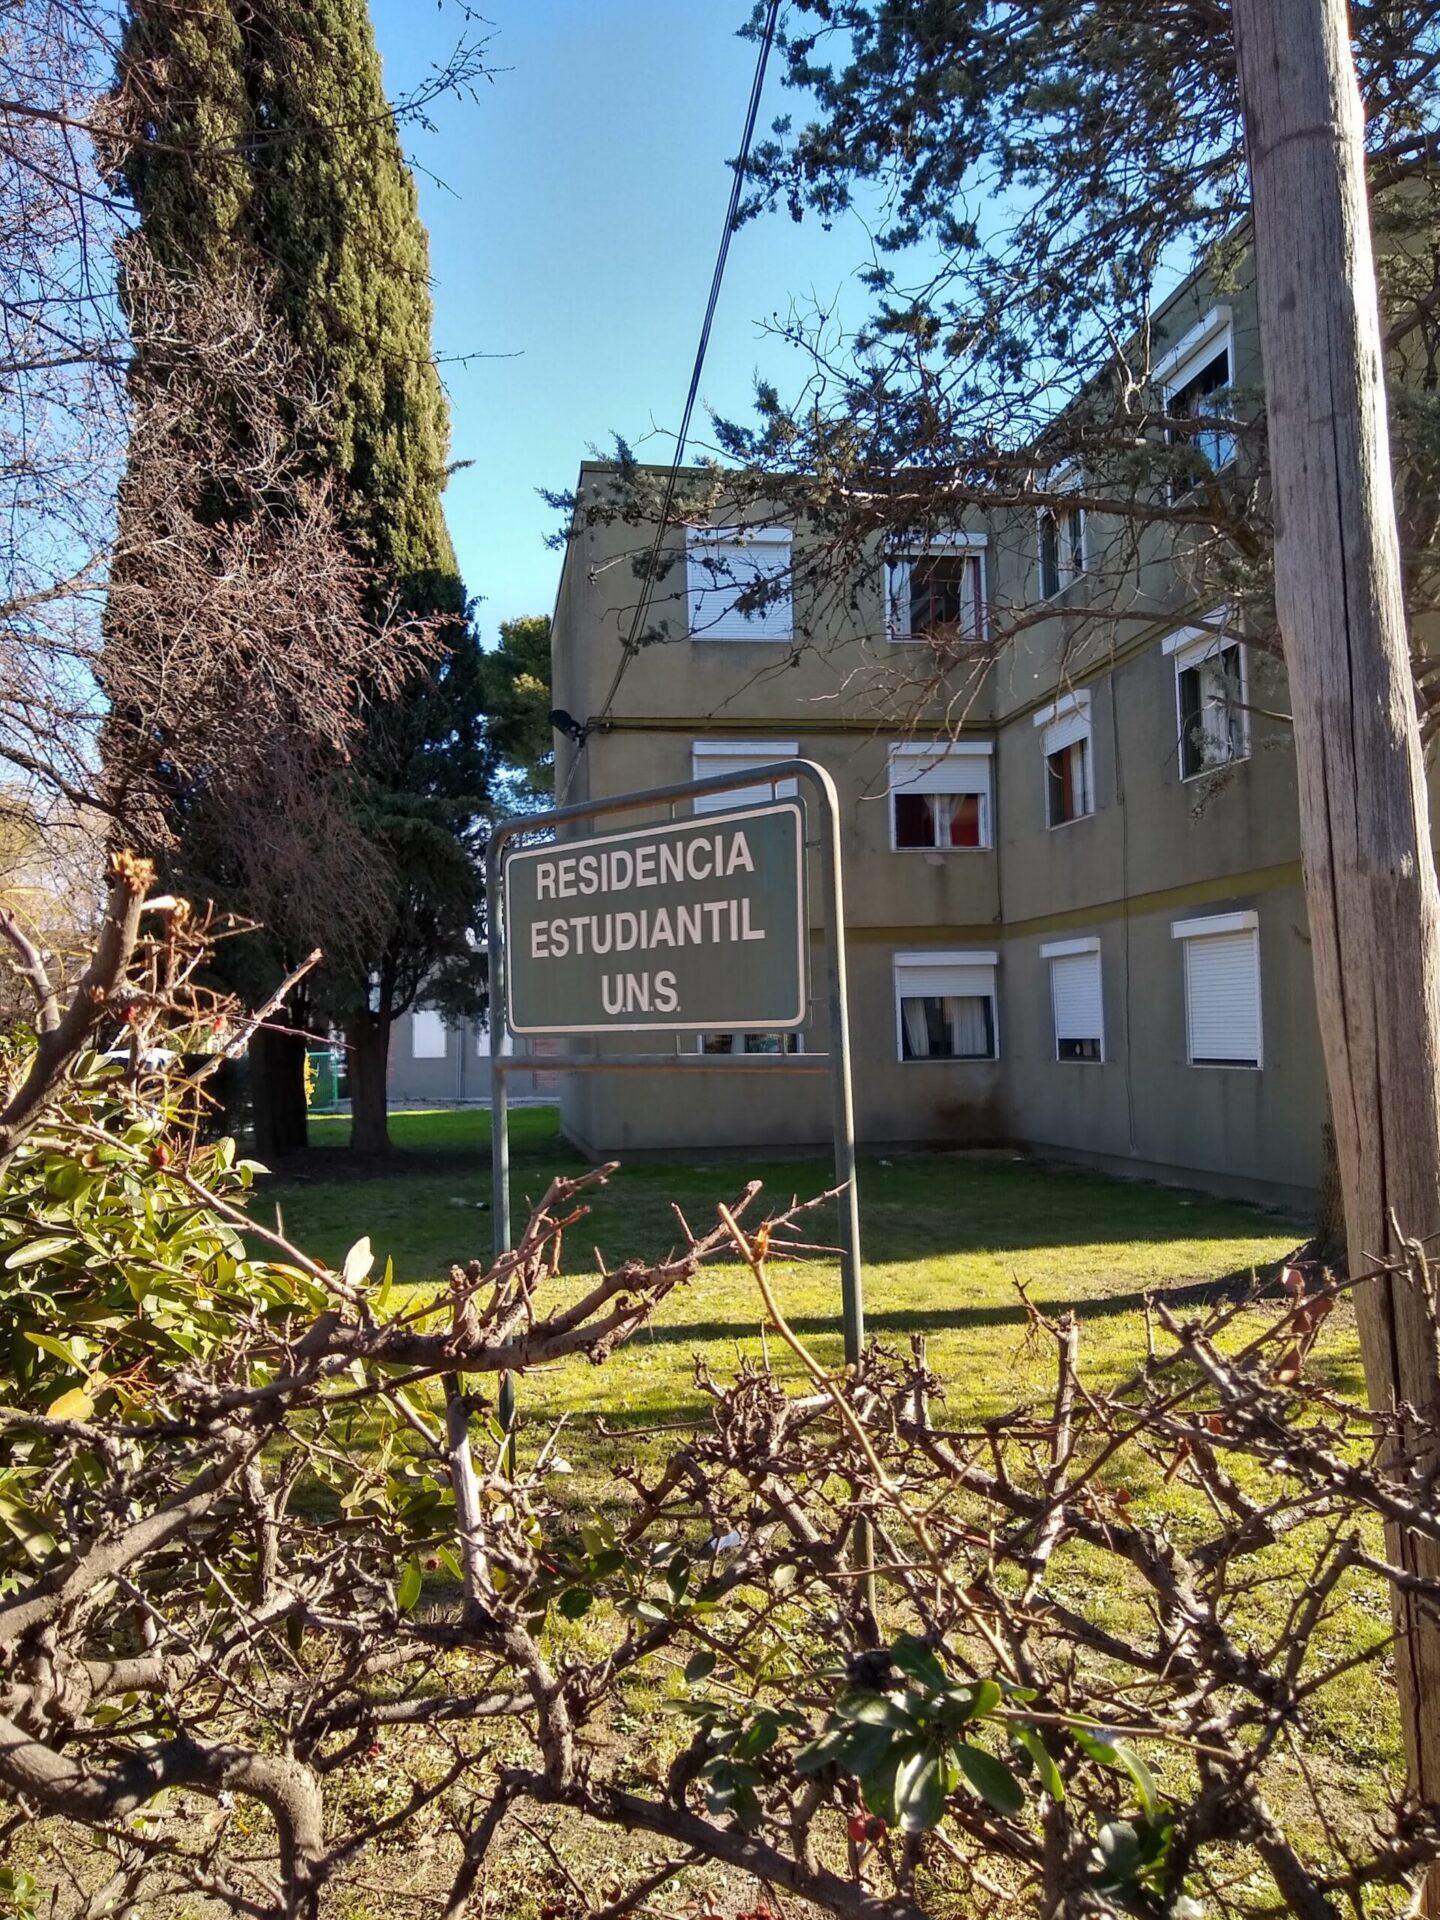 residencia universitaria casitas uns aislamiento temporario